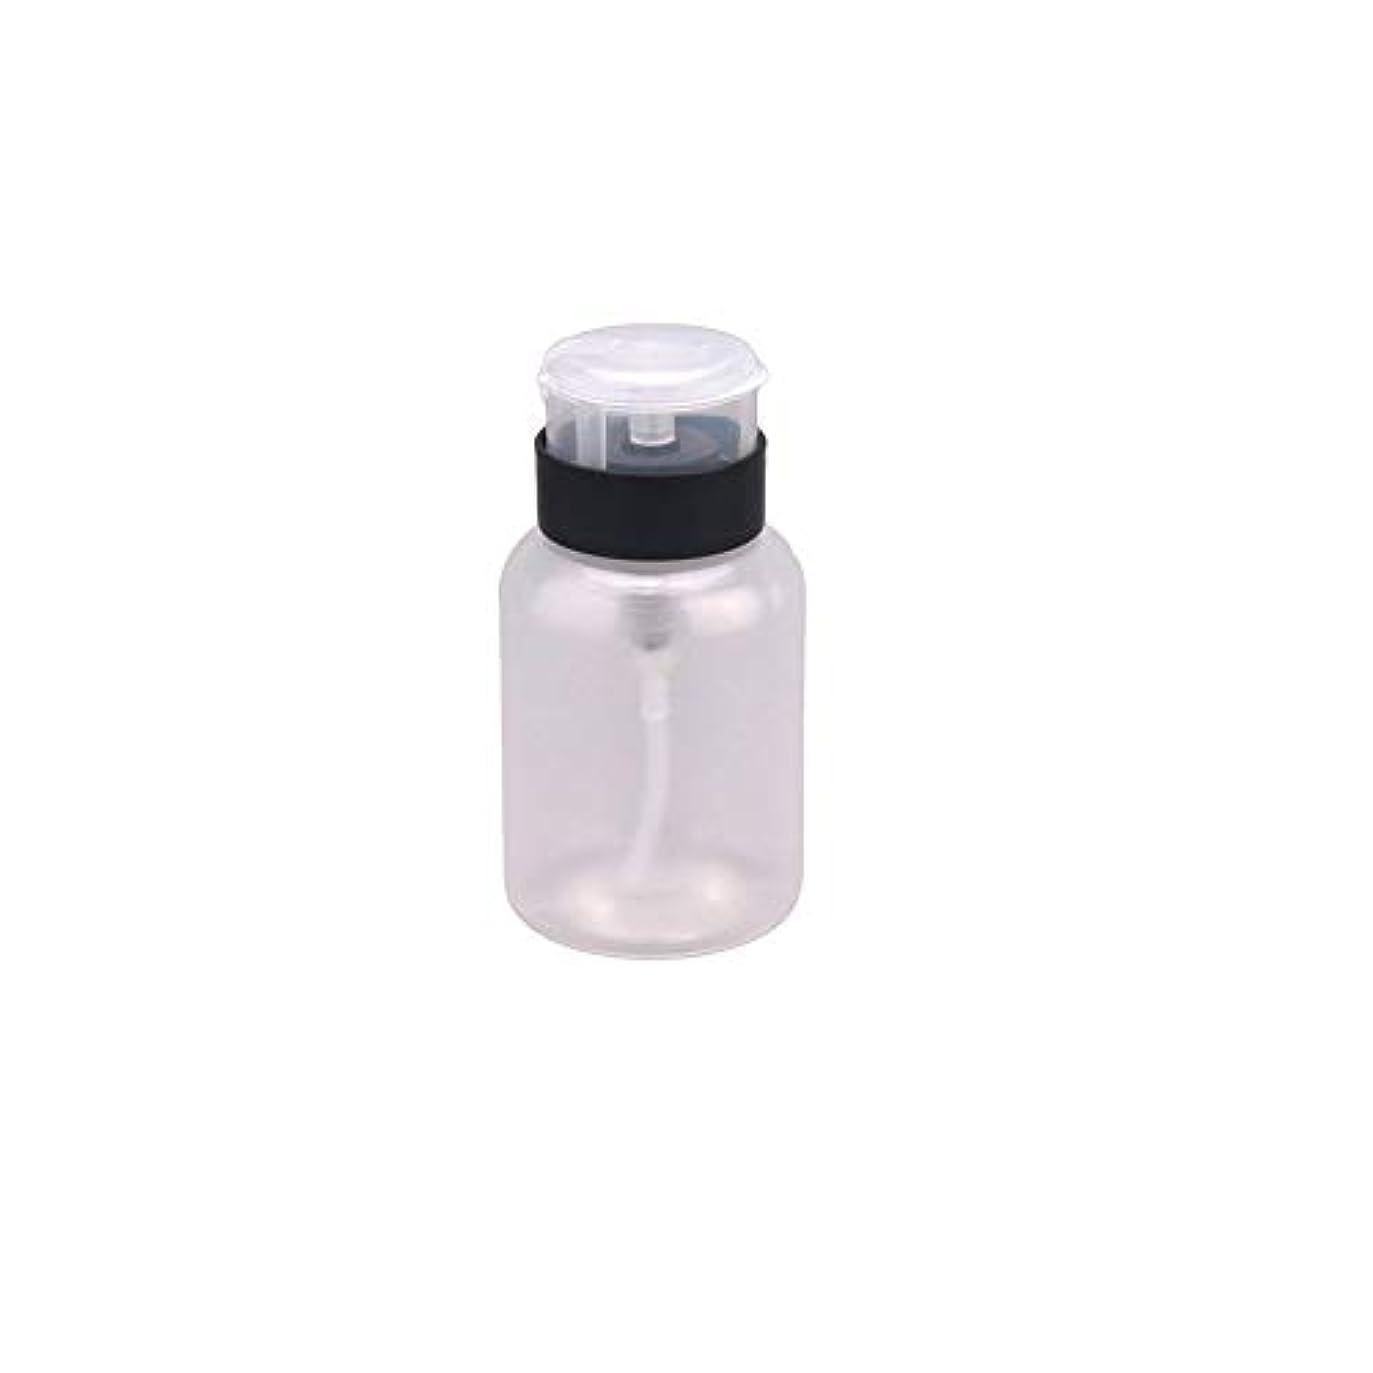 利得コイル拡散する210ML MultifuktionディスペンサーポンプクレンザーBottlePushネイルポリッシュリムーバーアルコールボトルダウン液体エミッタのボトルは、ボトルのネイルポリッシュリムーバー液体ボトル容器のforoils...